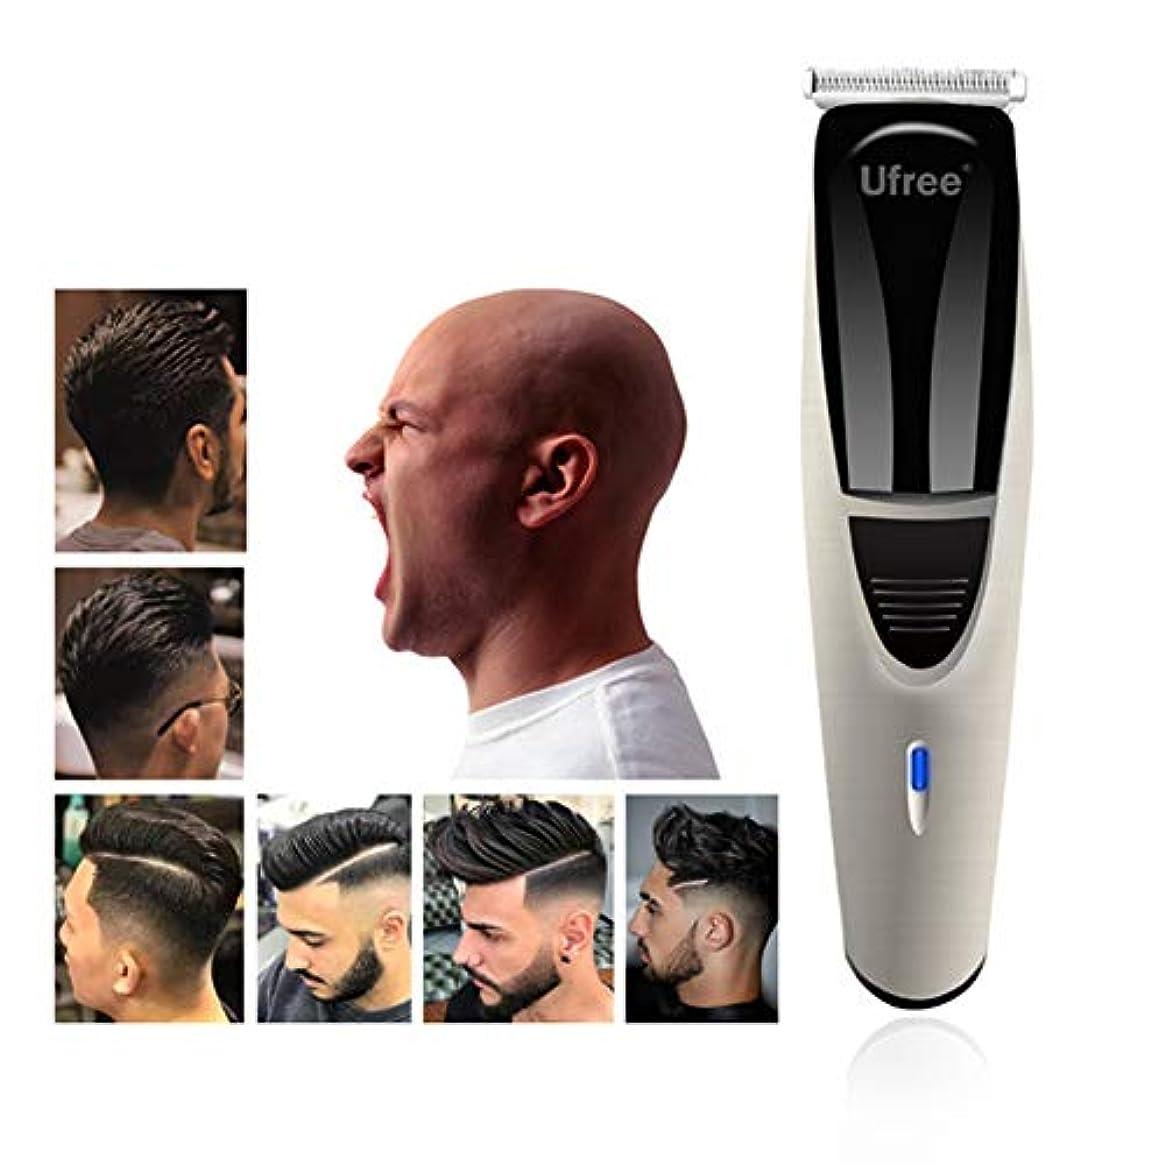 変換するローズ不承認バリカン強力な理髪師プロフェッショナル男性ヘアトリマー電気シェーバーカッターヘアカット機散髪ホームツール